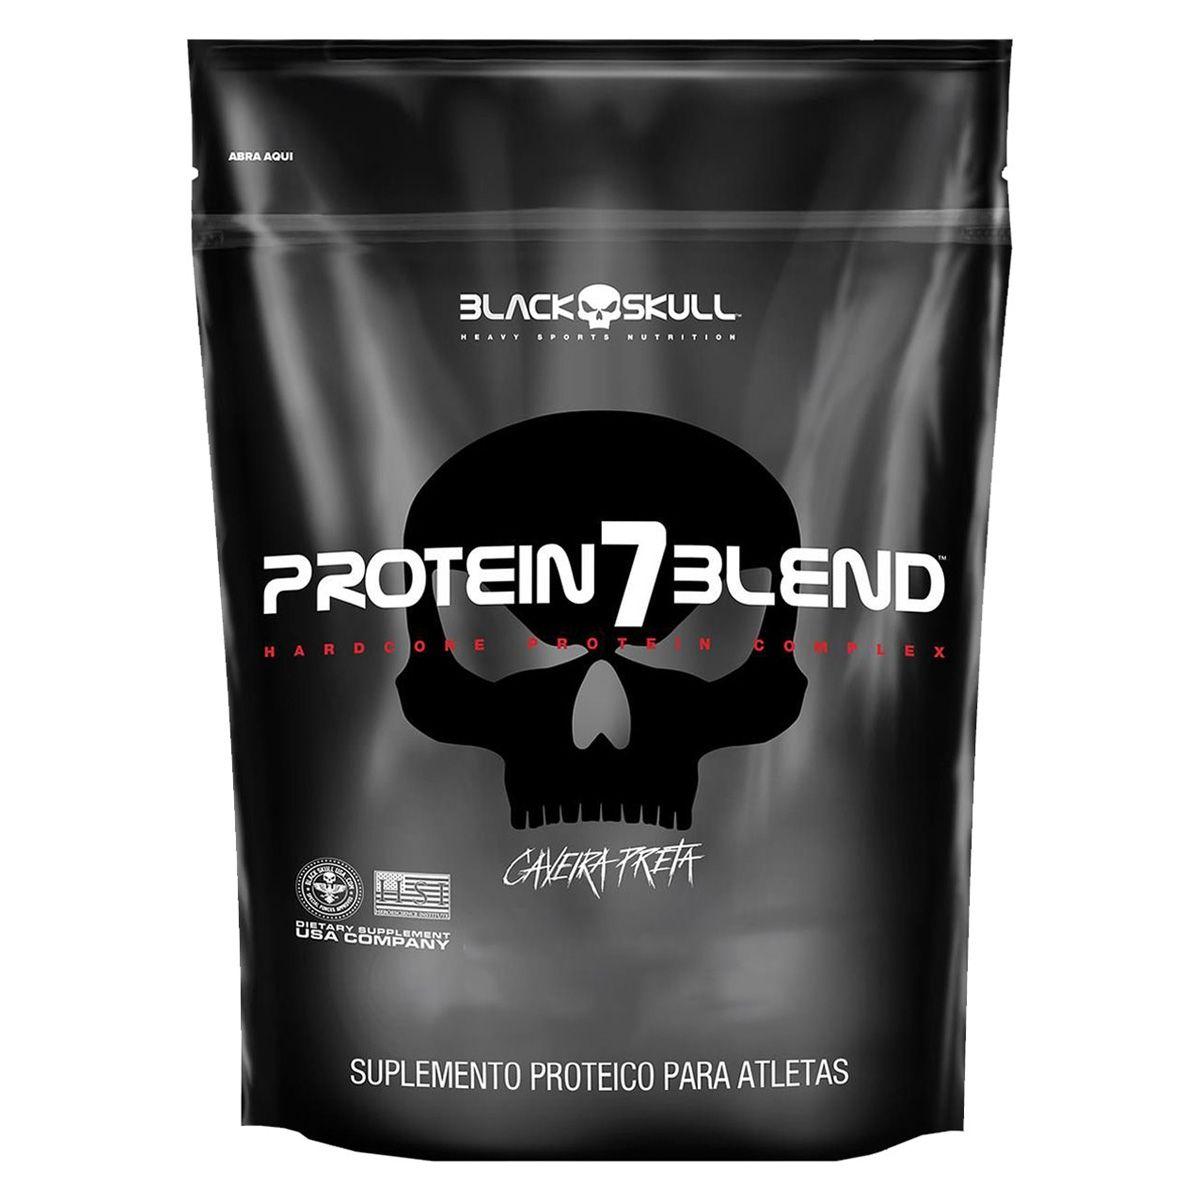 Protein 7 Blend Refil - 1800g - Black Skull